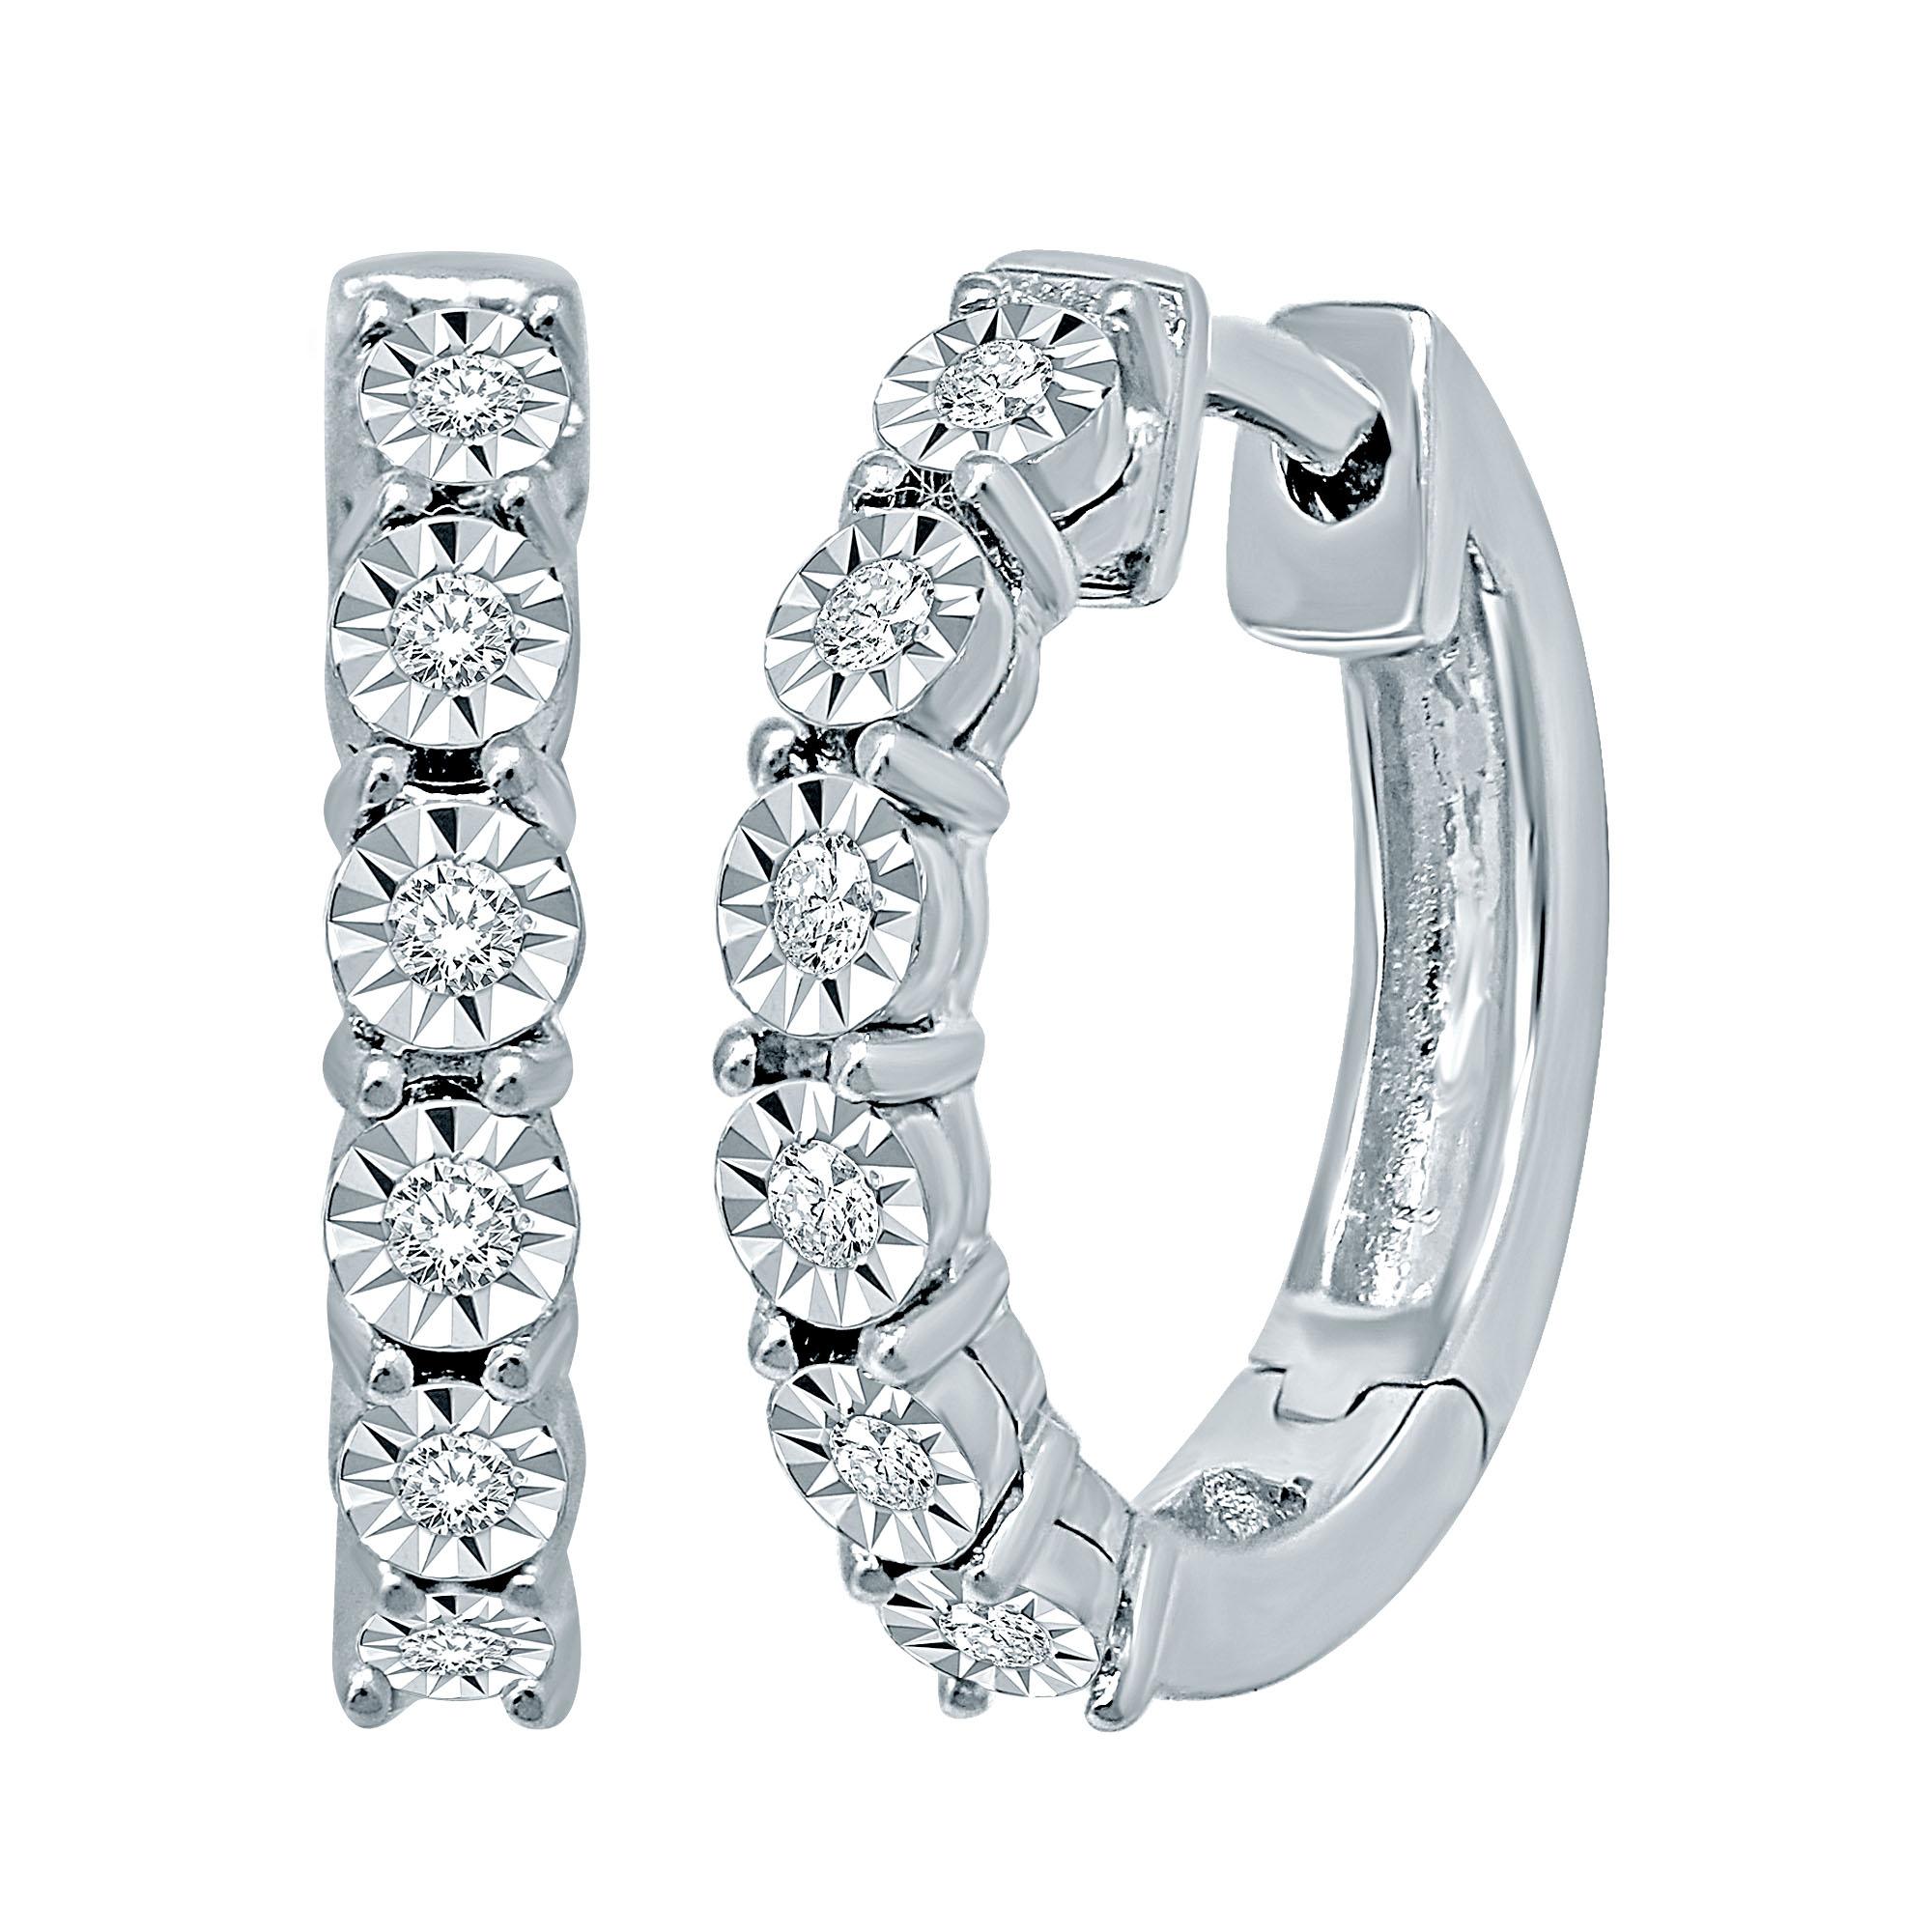 Boucles d'oreilles anneaux - Or blanc 10K & Diamants totalisant 0.10 carat